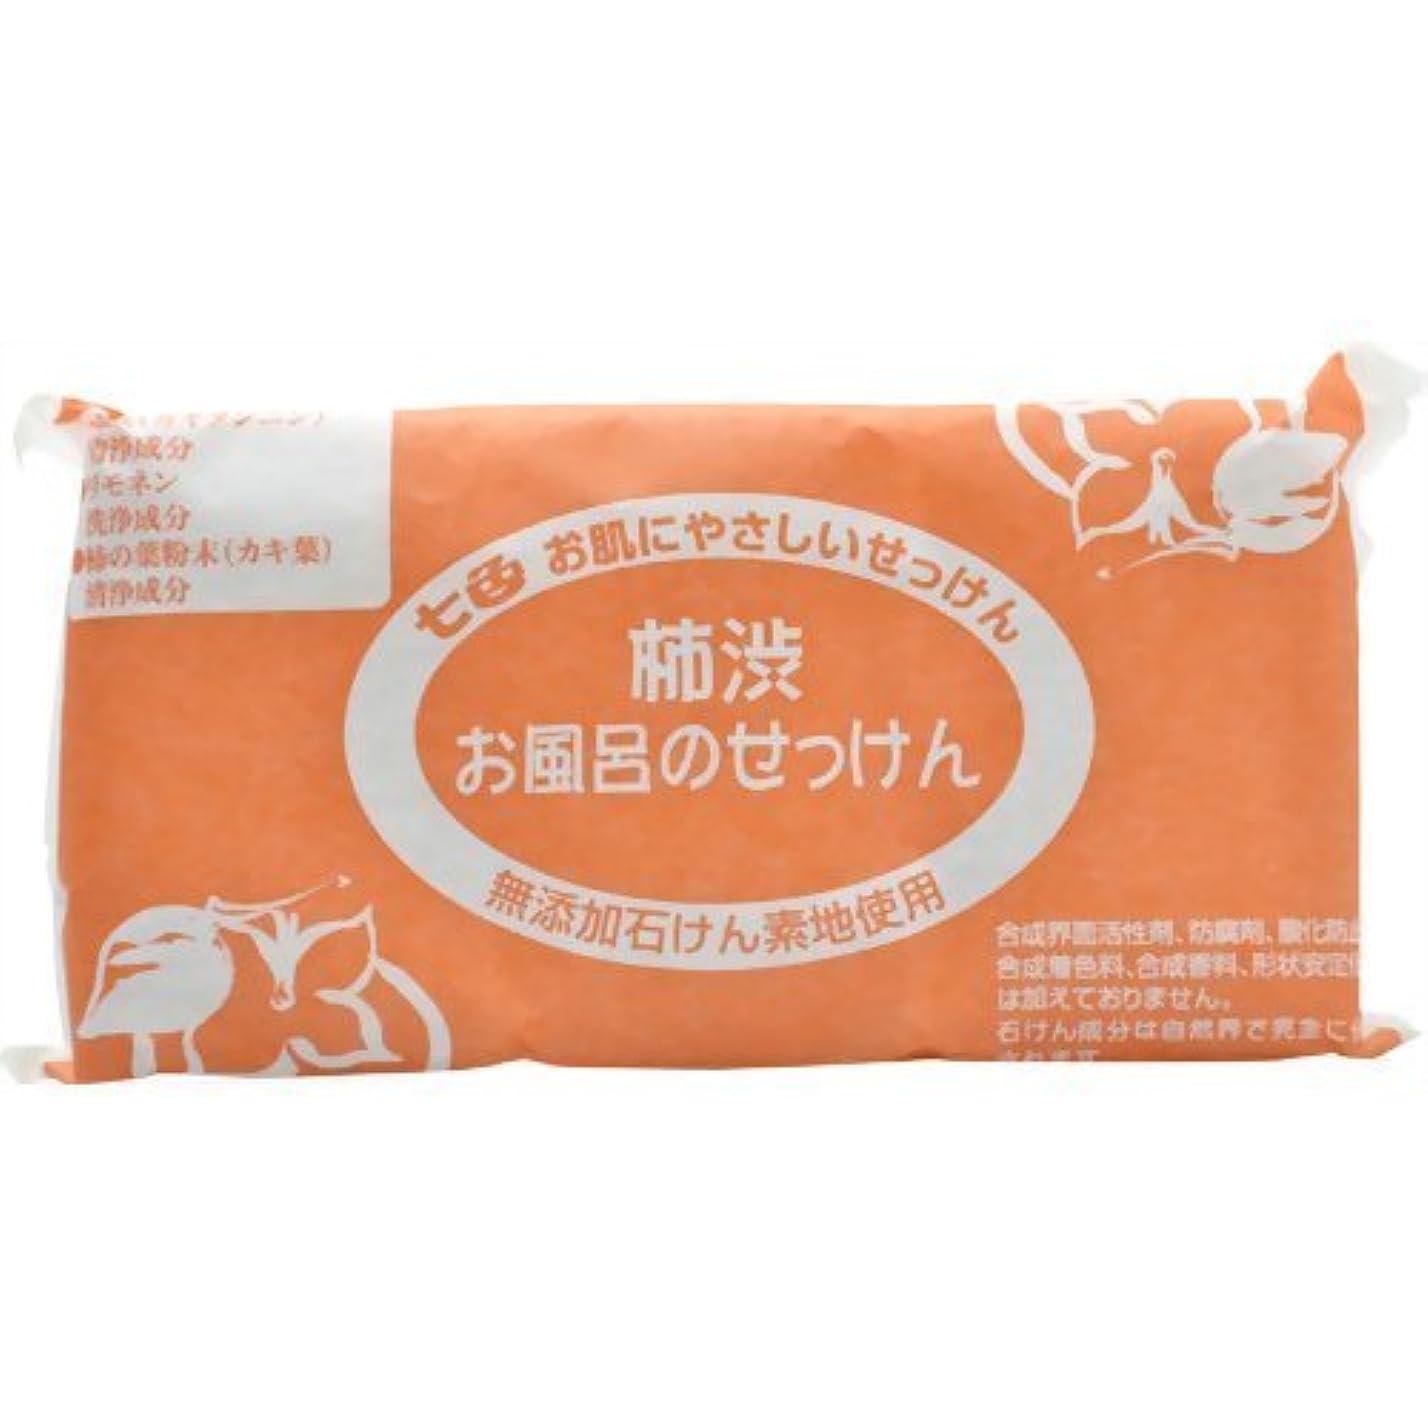 足求めるピル七色 お風呂のせっけん 柿渋(無添加石鹸) 100g×3個入